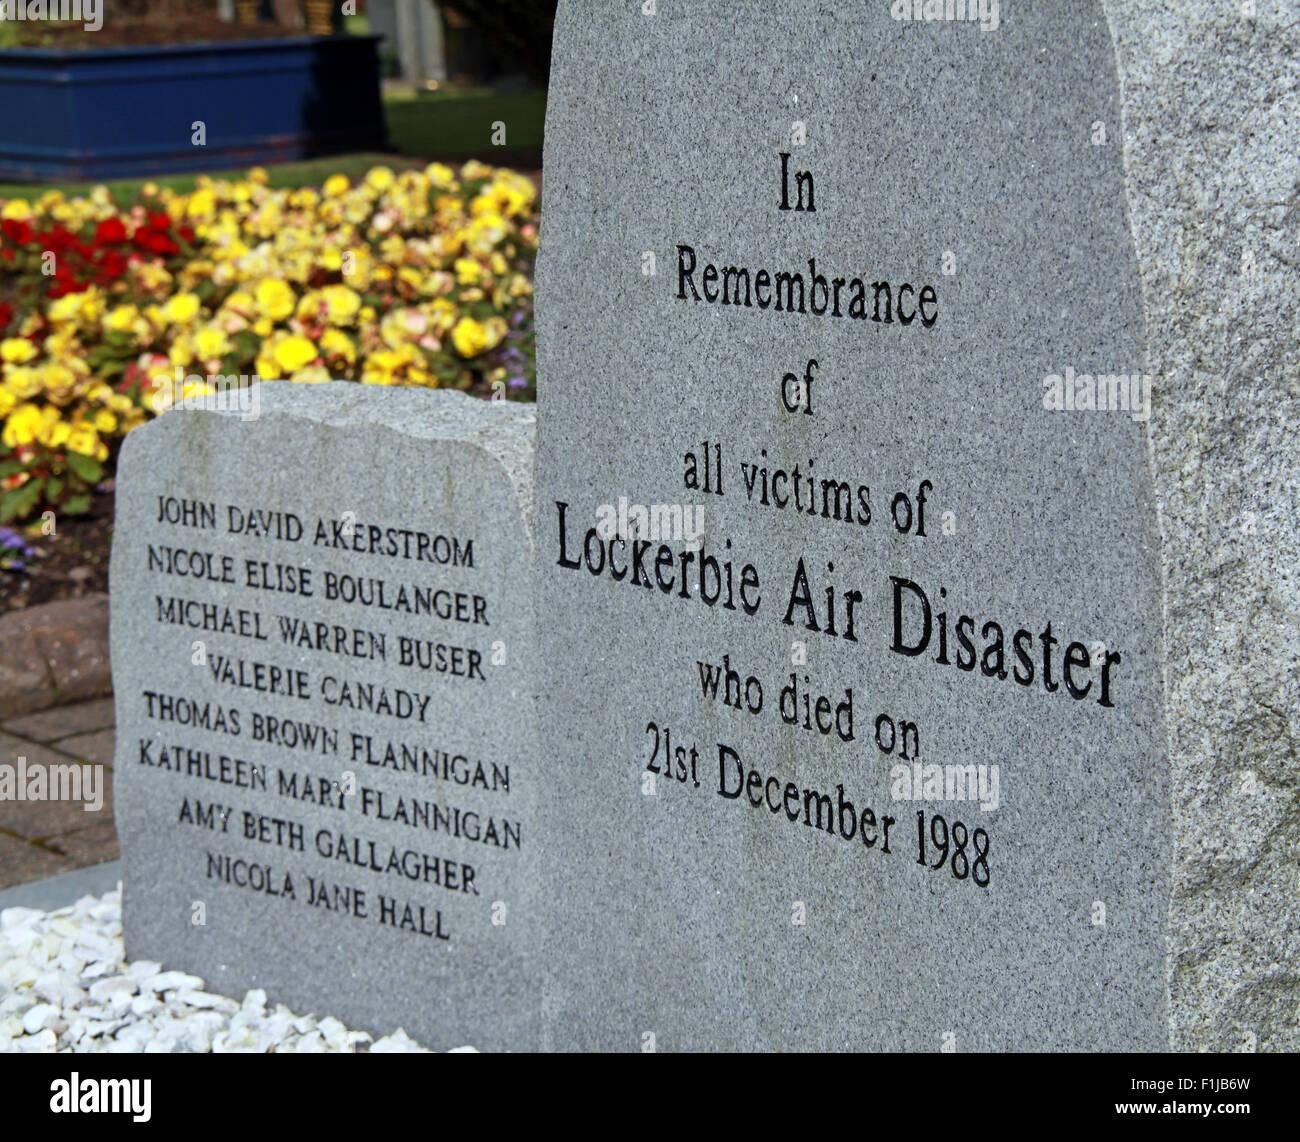 Laden Sie dieses Alamy Stockfoto Lockerbie PanAm103 In Erinnerung Memorial Steinen Nahaufnahme, Schottland - F1JB6W